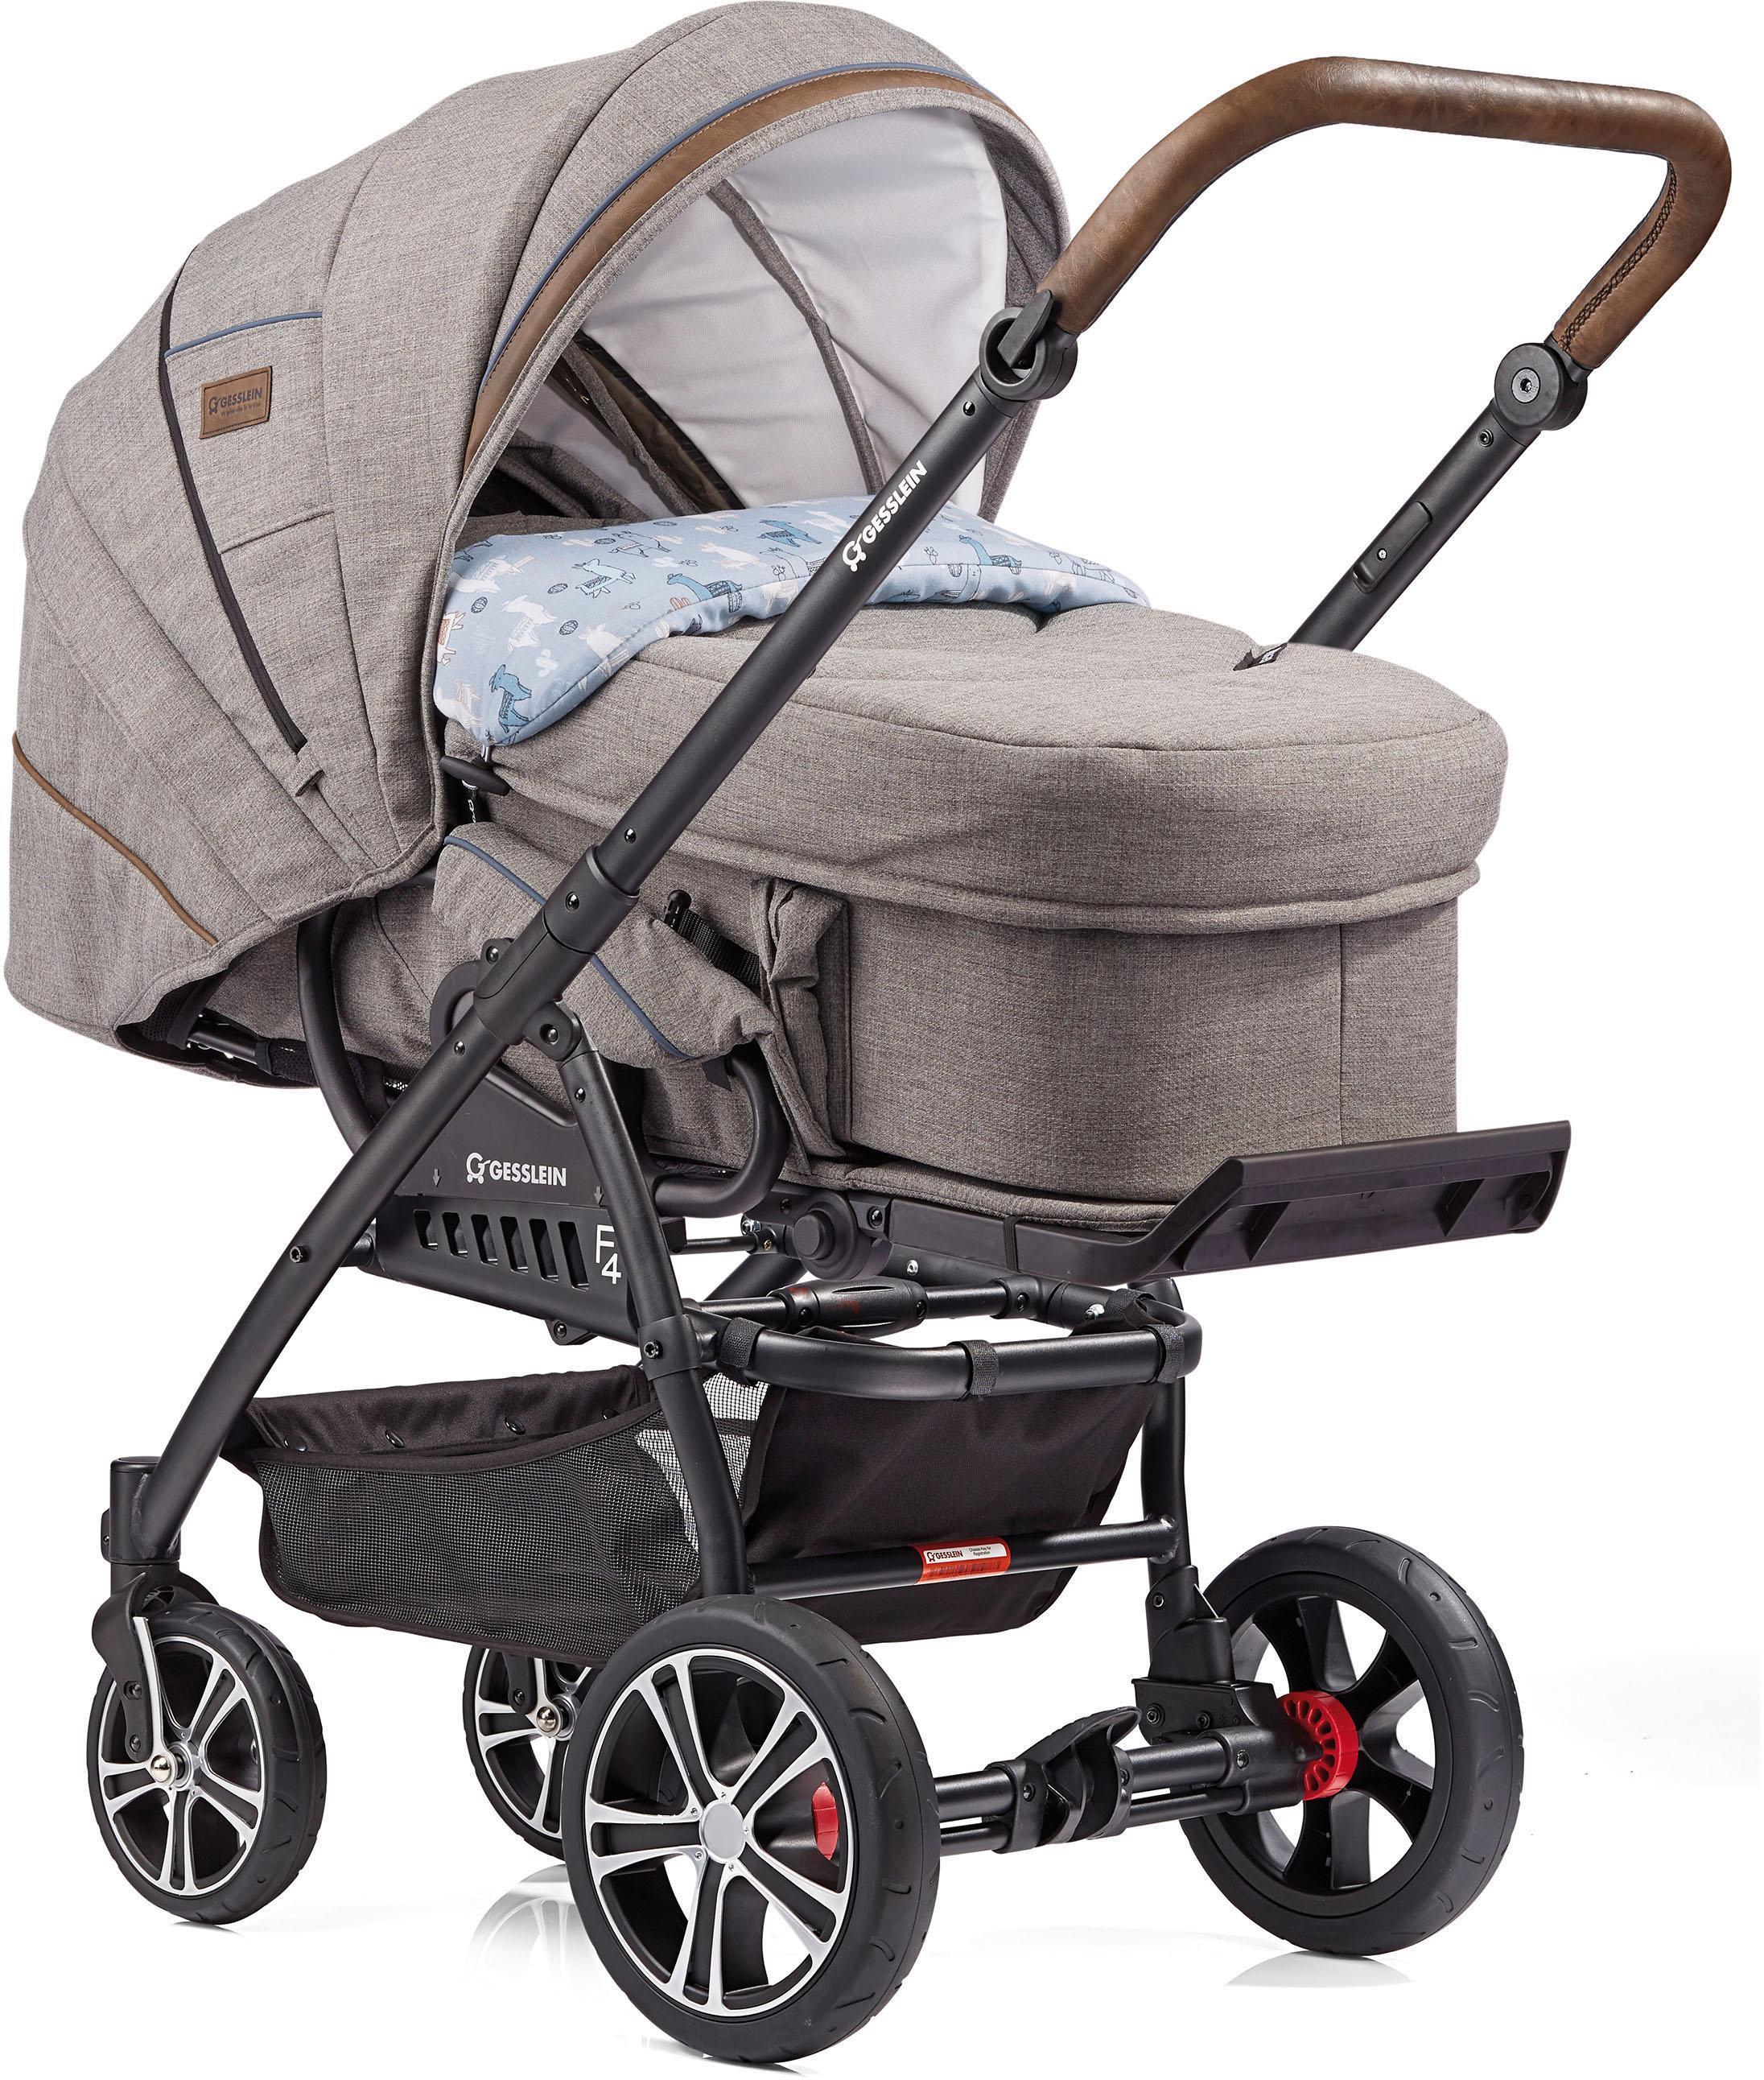 """Gesslein Kombi-Kinderwagen """"F4 Air+ mit Tragetasche C2 Compact Stein meliert/Lama"""" Kindermode/Ausstattung/Kinderwagen & Buggies/Kinderwagen/Kombikinderwagen"""